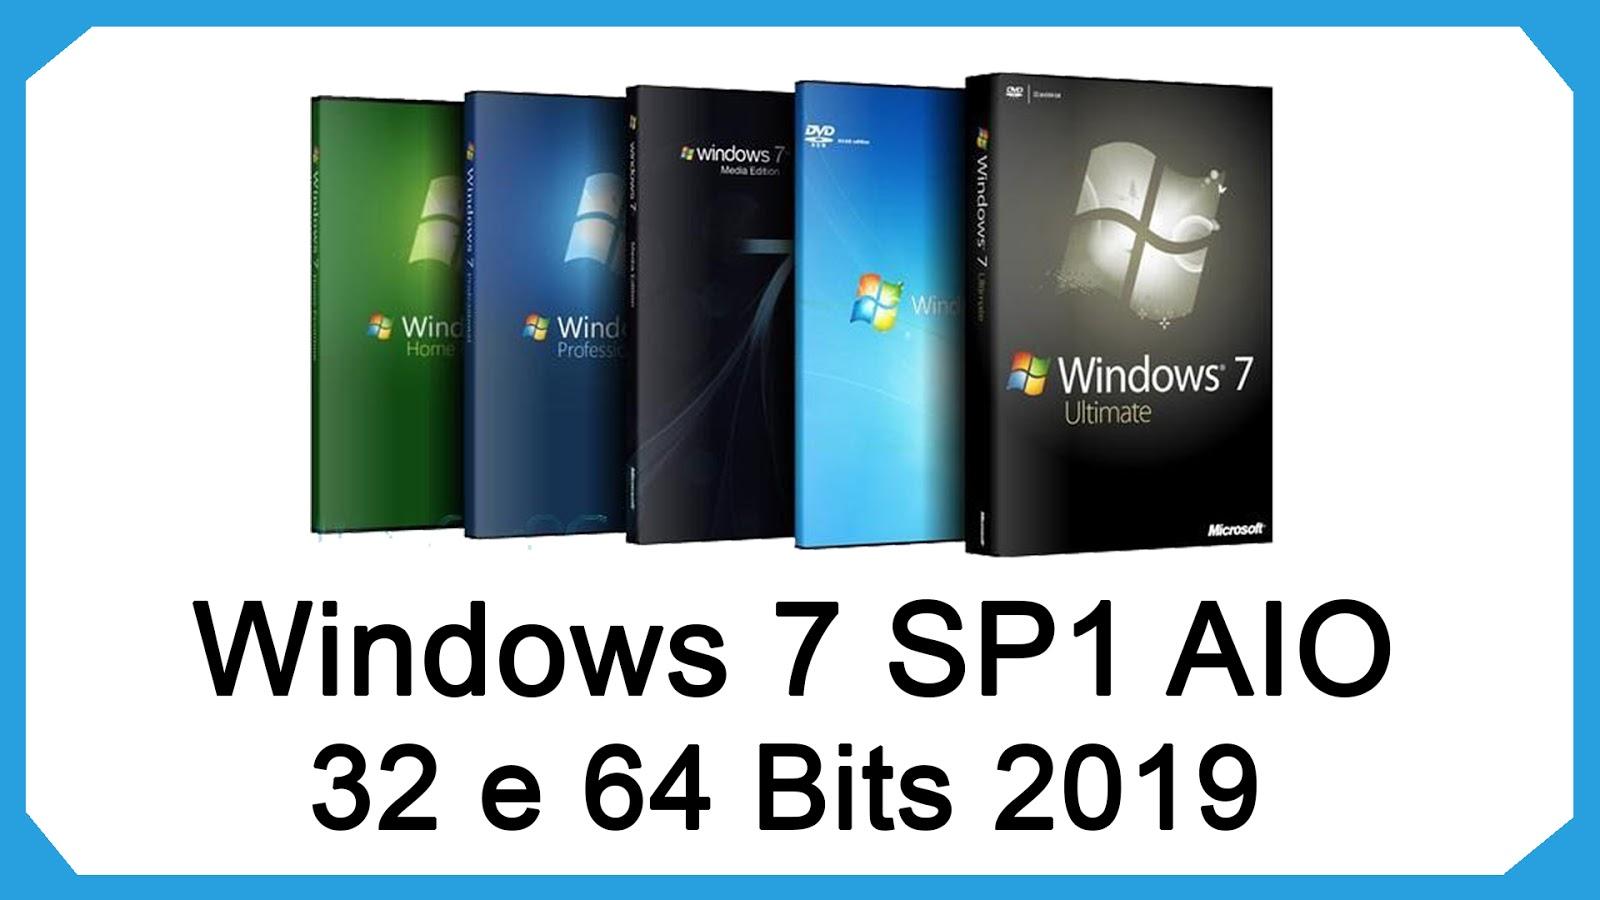 Download Windows 7 Home Premium 32/64 bit ISO - OneSoftwares